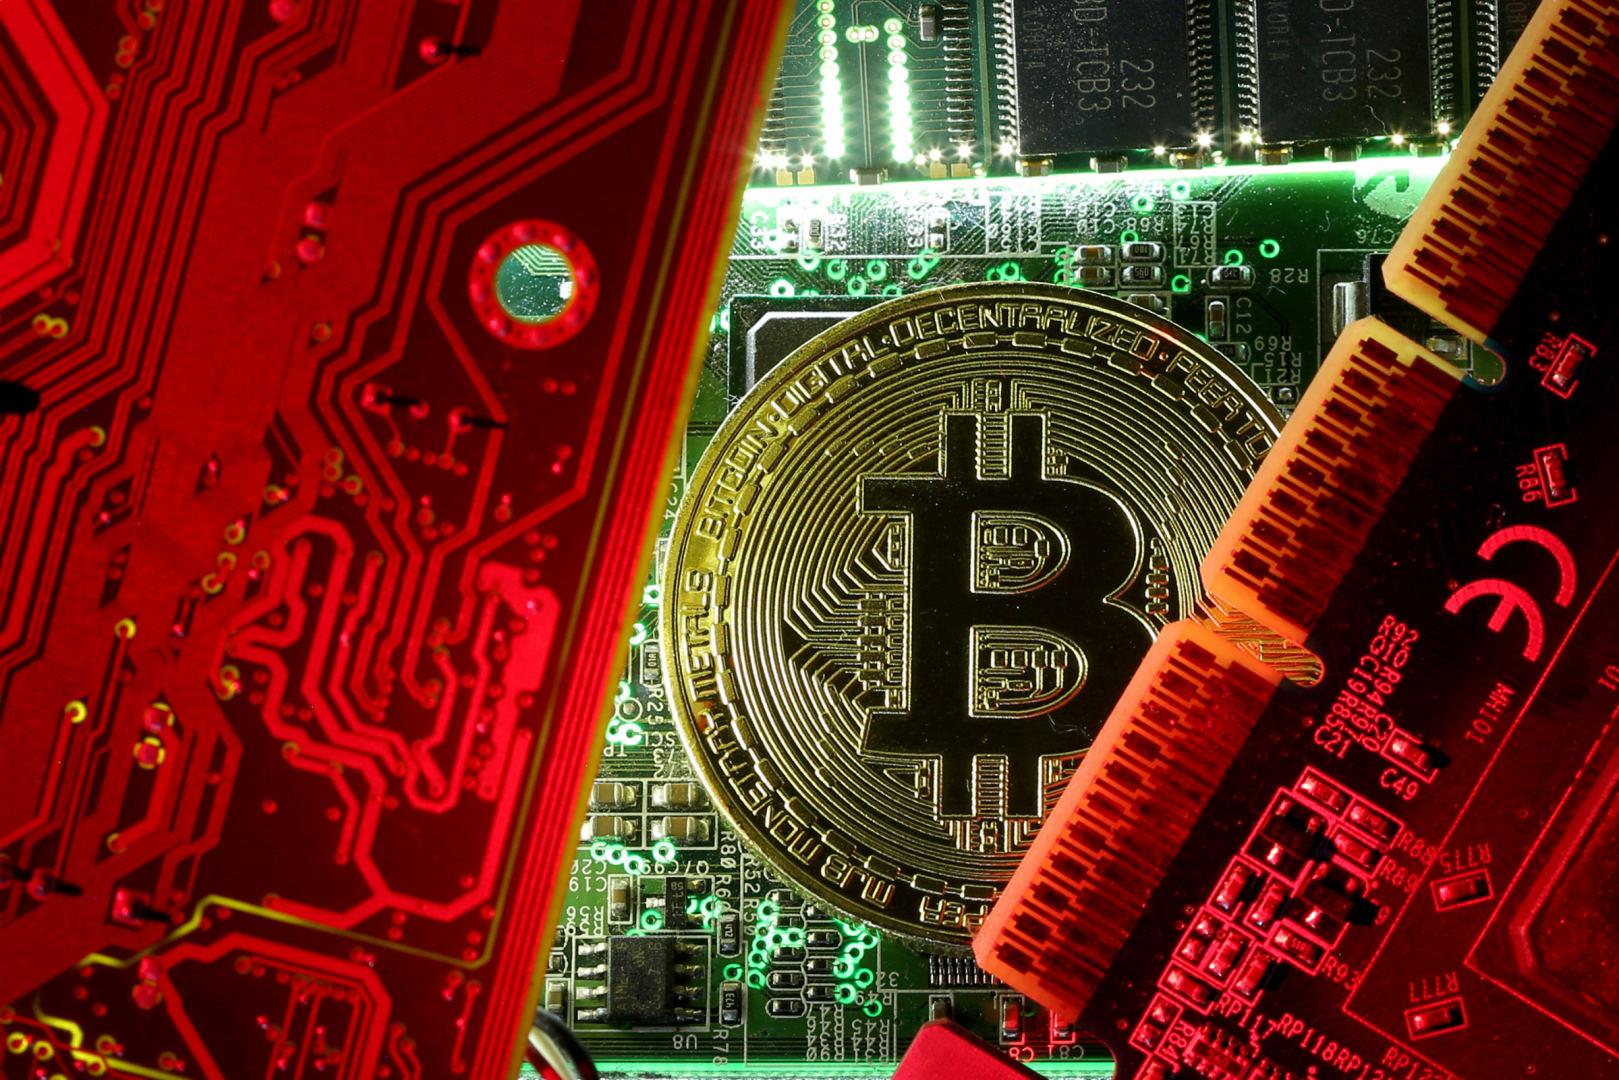 Kur Galiu Prekiauti Bitkoinais